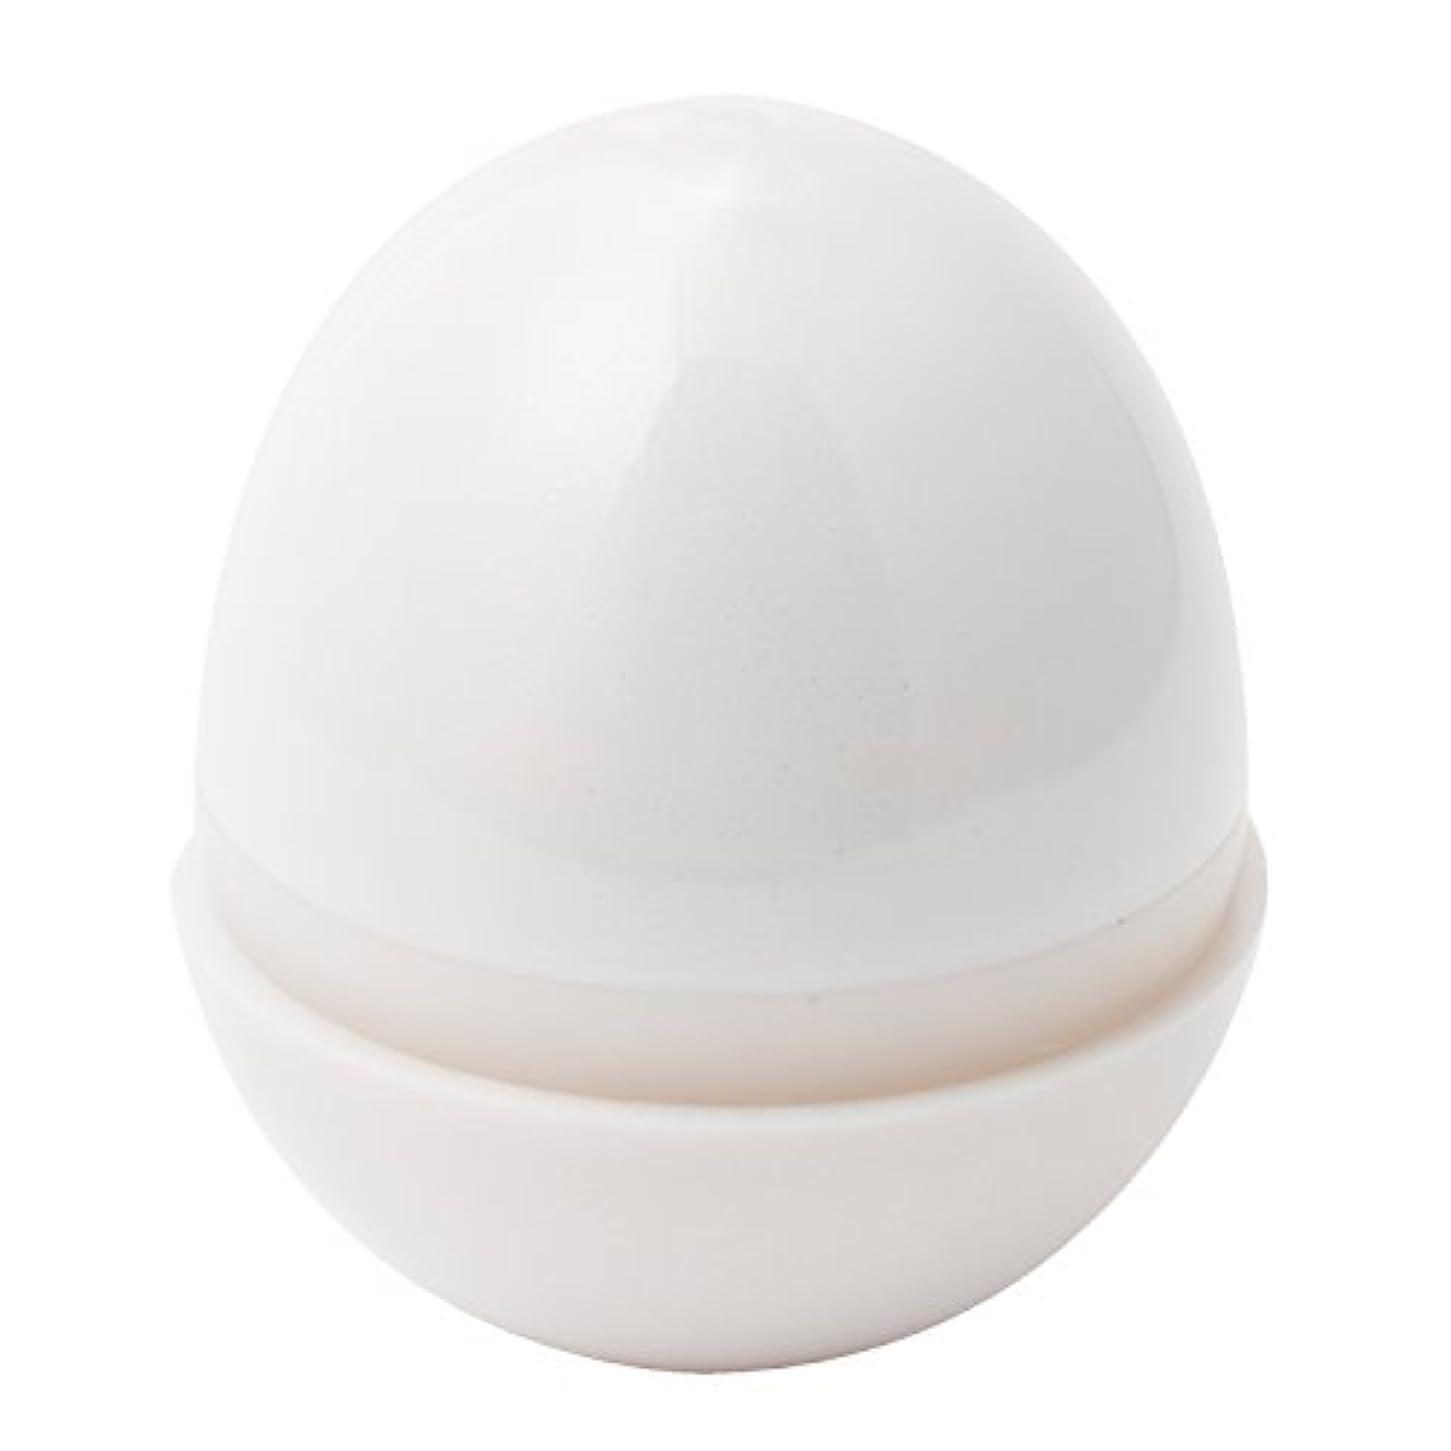 代わりの必要性ファンドユビタマゴ3 (ゆびたまご3) 磁石内蔵!美顔器 美顔ローラー